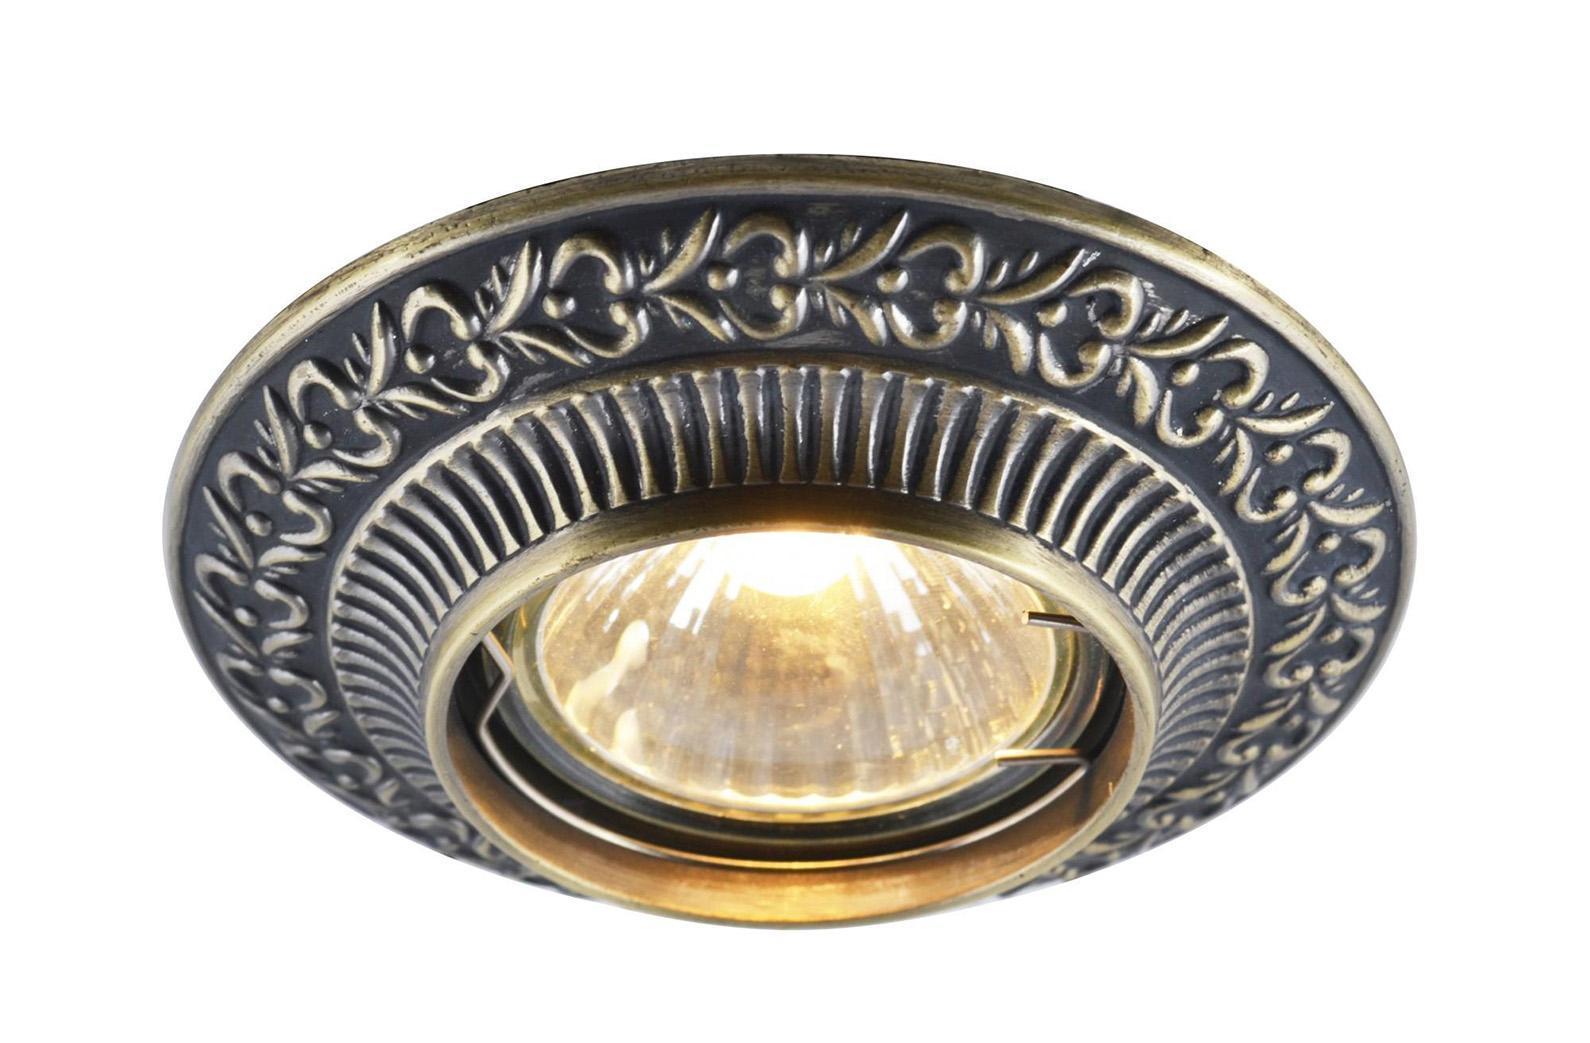 Светильник встраиваемый Arte lamp A5280pl-1ab ноутбук dell latitude 5280 5280 9552 5280 9552